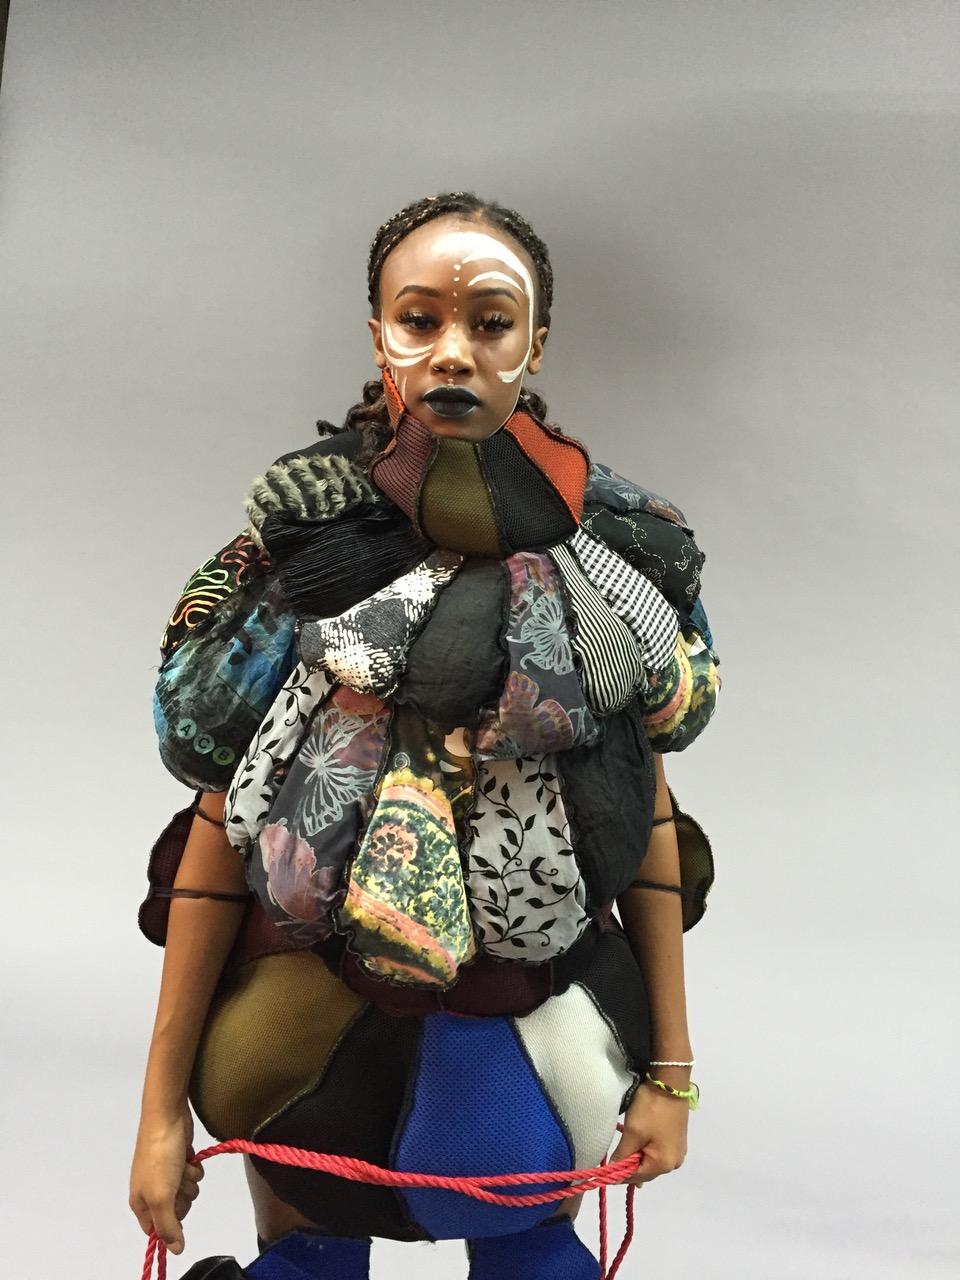 THE UNSPOKEN  - About unconscious discrimination Sculpture/textile/dance. Material: Shield - Textile, H: 165cm, W: 100cm (7 pieces)  © Saba Bereket Persson